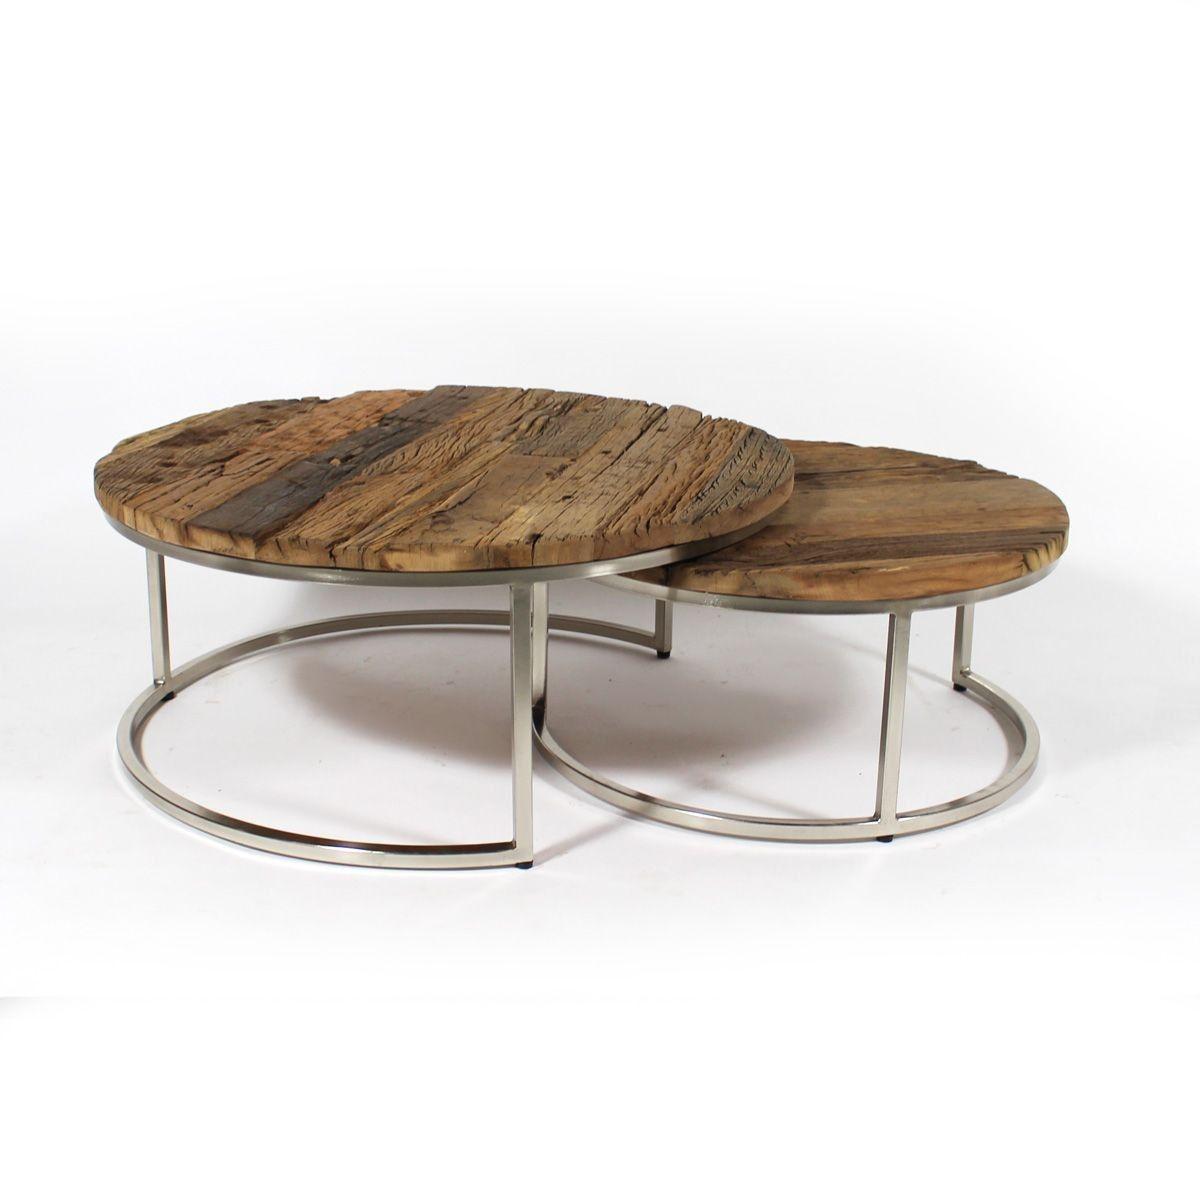 Table Basse Gigogne Ronde Bois Recyclé Style Brut Pieds Métal Gris